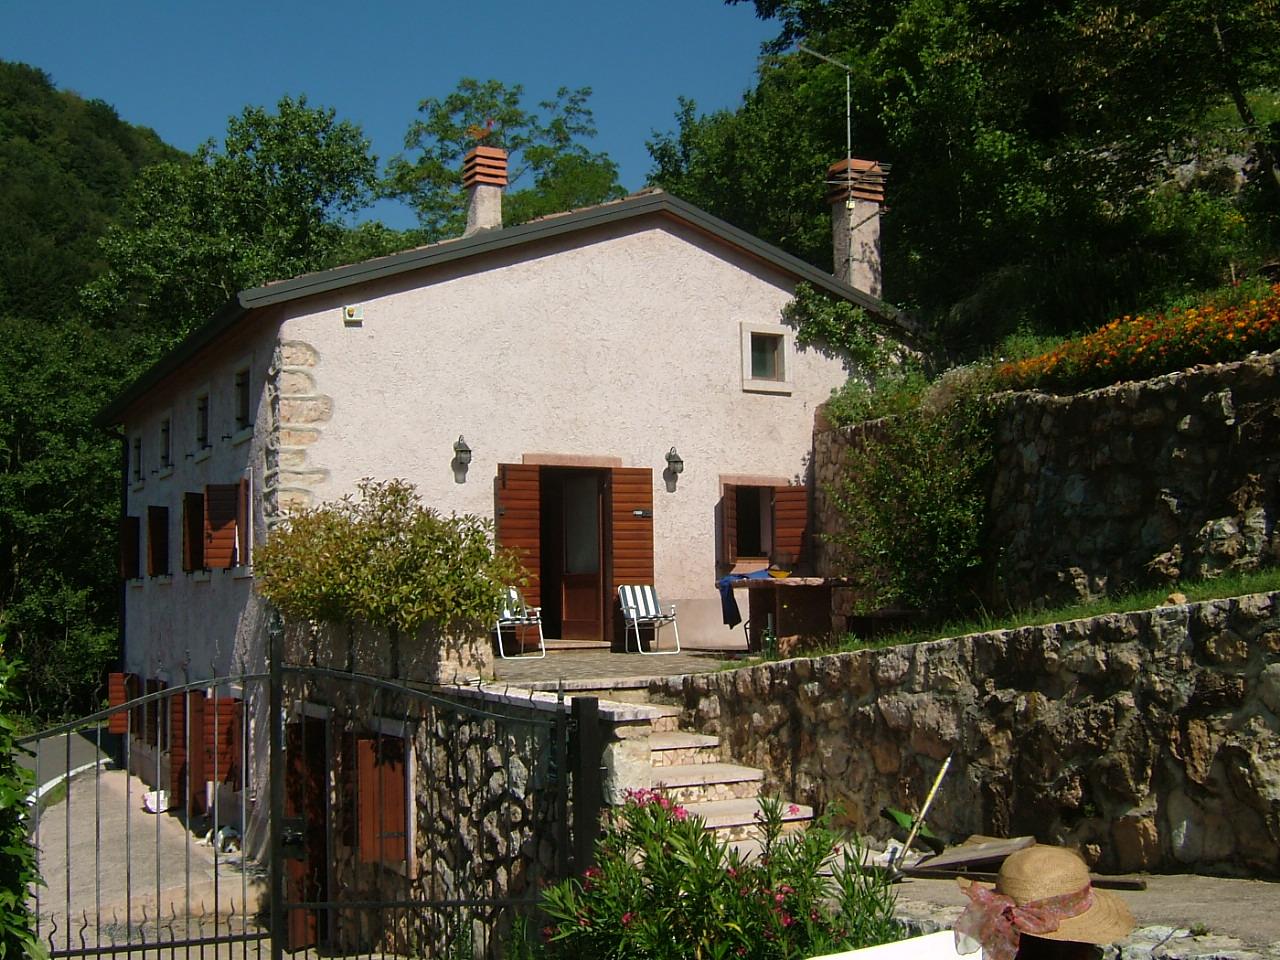 Villa A Tre Piani villa in vendita a badia calavena con 2 bagni, 4 camere